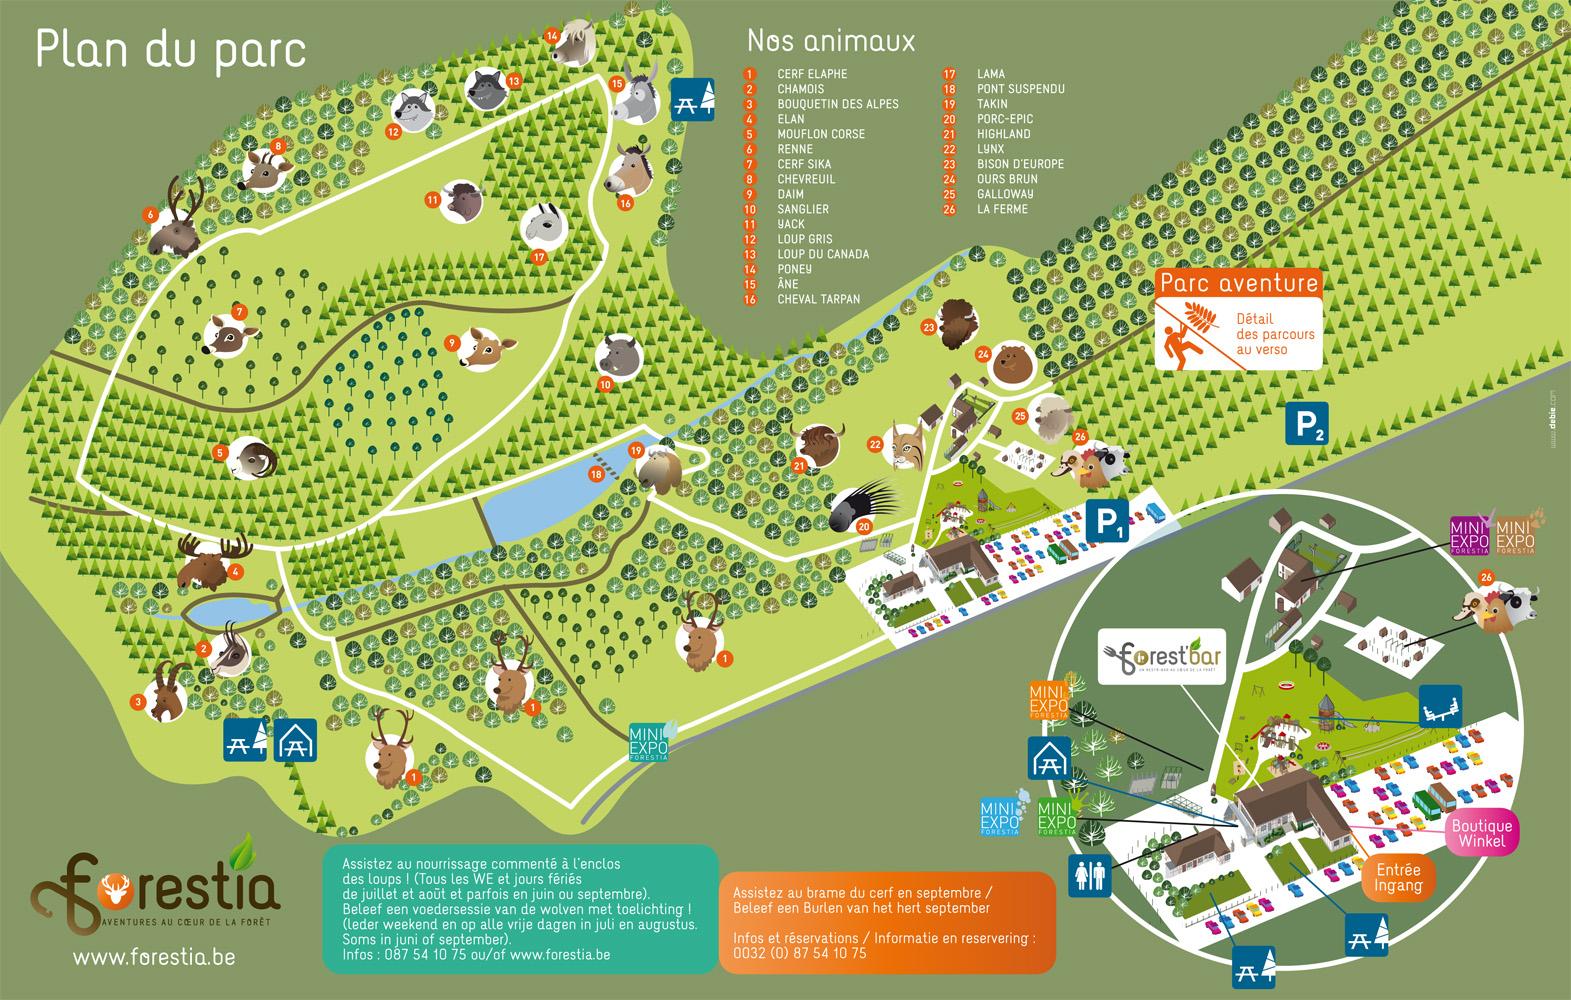 Les zoos dans le monde parc forestia for Parc animalier dans les yvelines